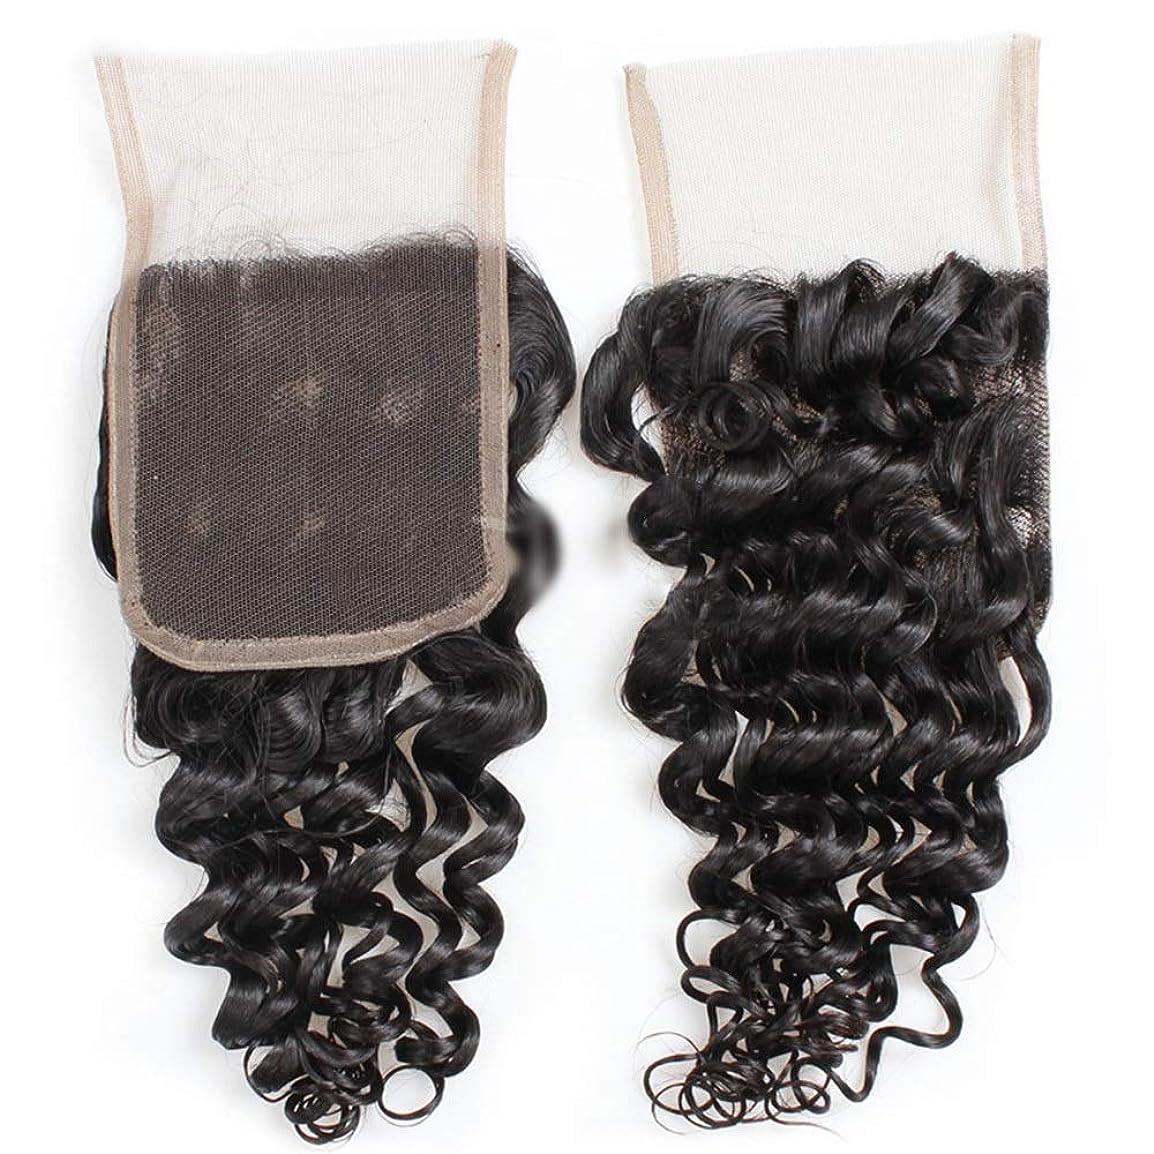 オリエント可愛い記念品YESONEEP 9Aブラジルディープウェーブヘア4×4インチレース前頭部閉鎖100%未処理人間の髪の毛中央部自然な外観の複合毛レースかつらロールプレイングかつらロングとショートの女性自然 (色 : 黒, サイズ : 8 inch)